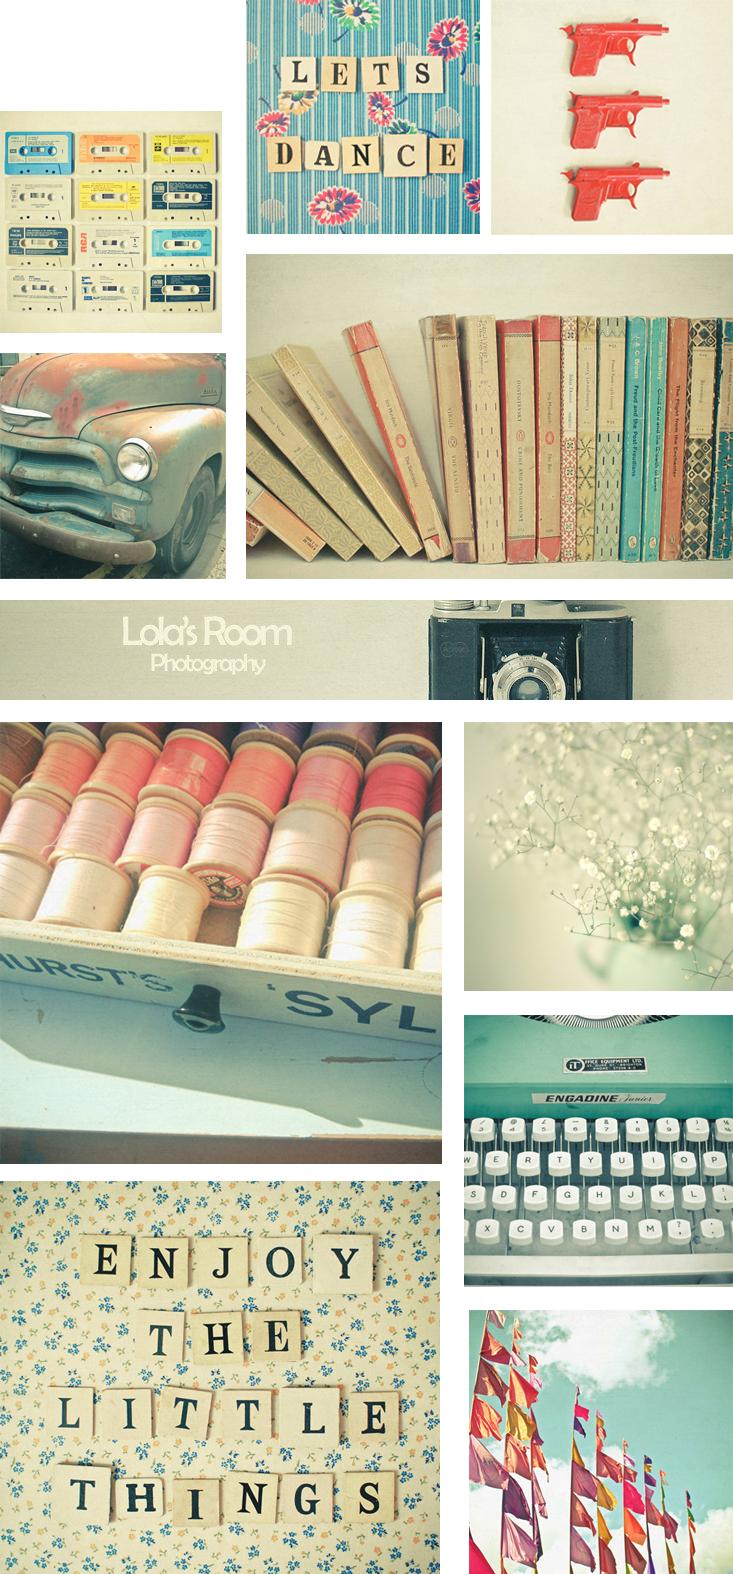 lolas-room-etsy-shop-feature